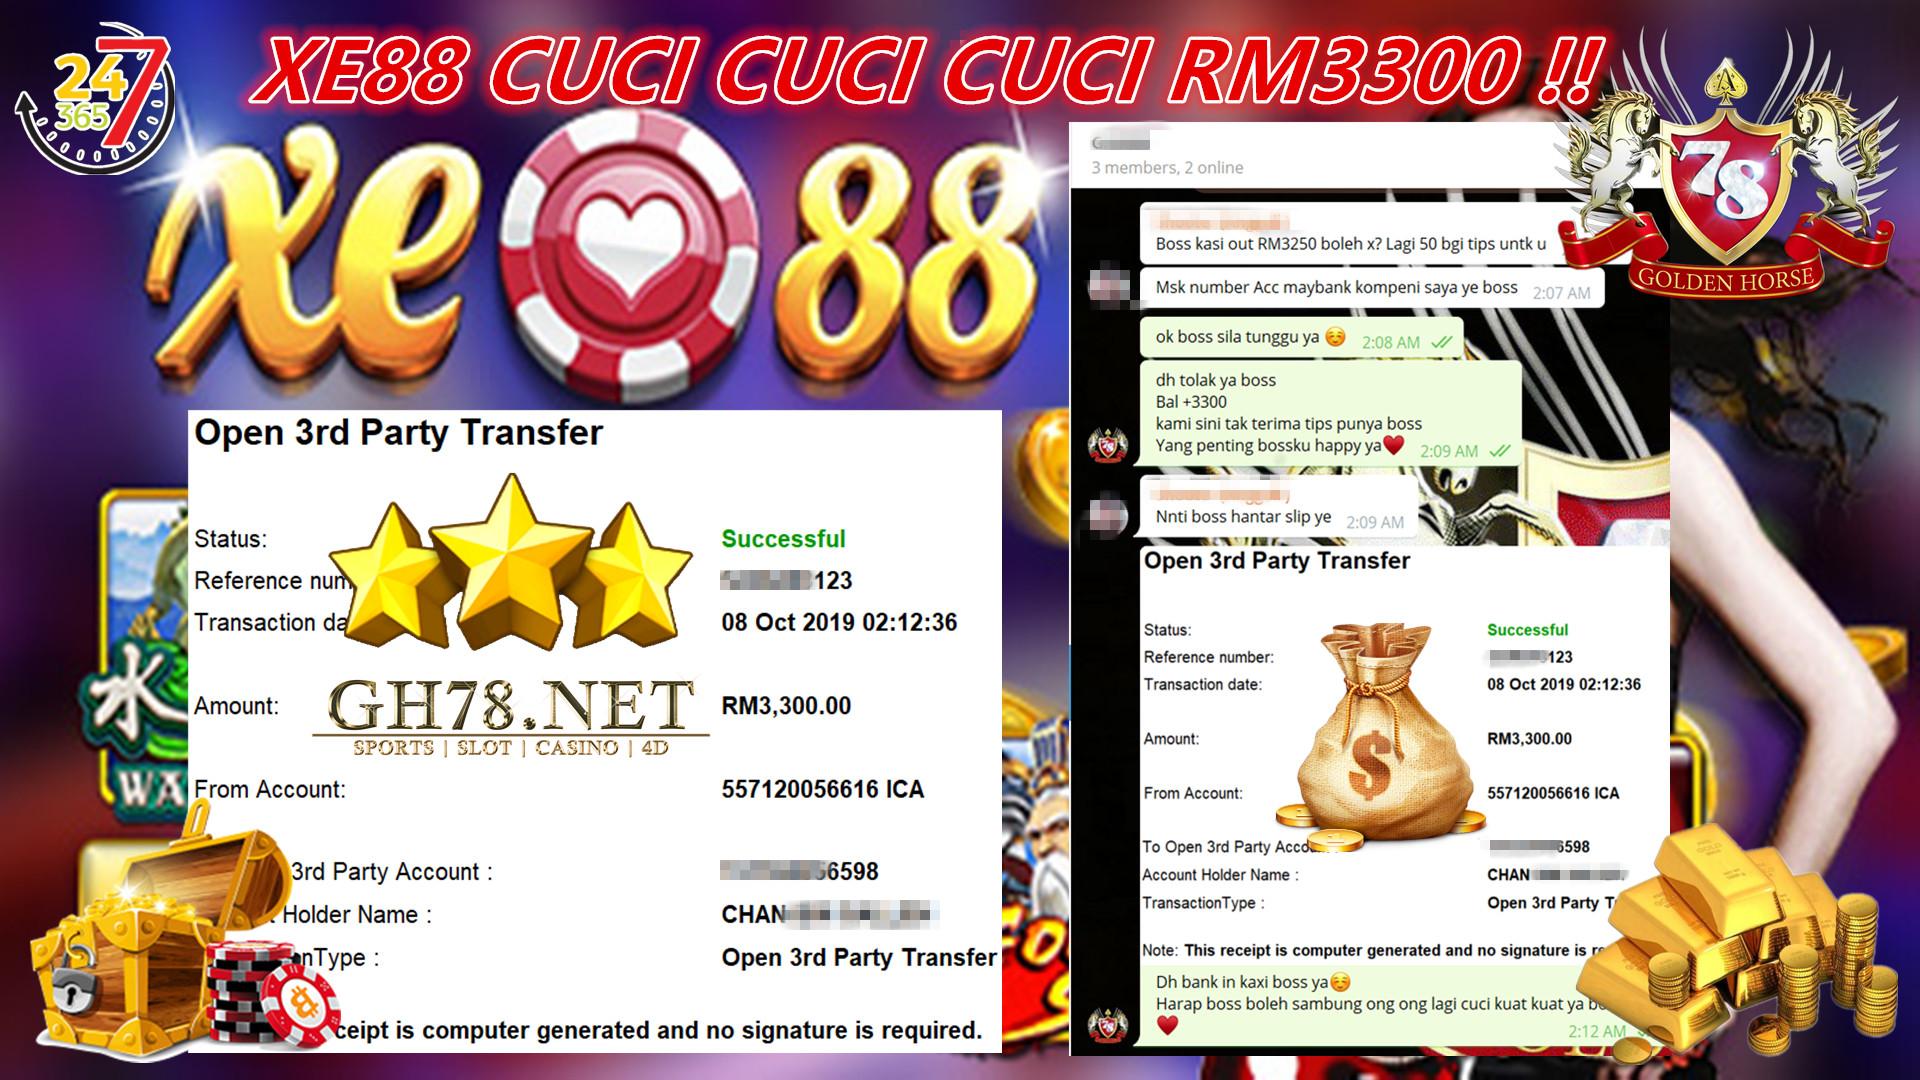 HARI INI XE88 LAGI CUCI RM3300 !!